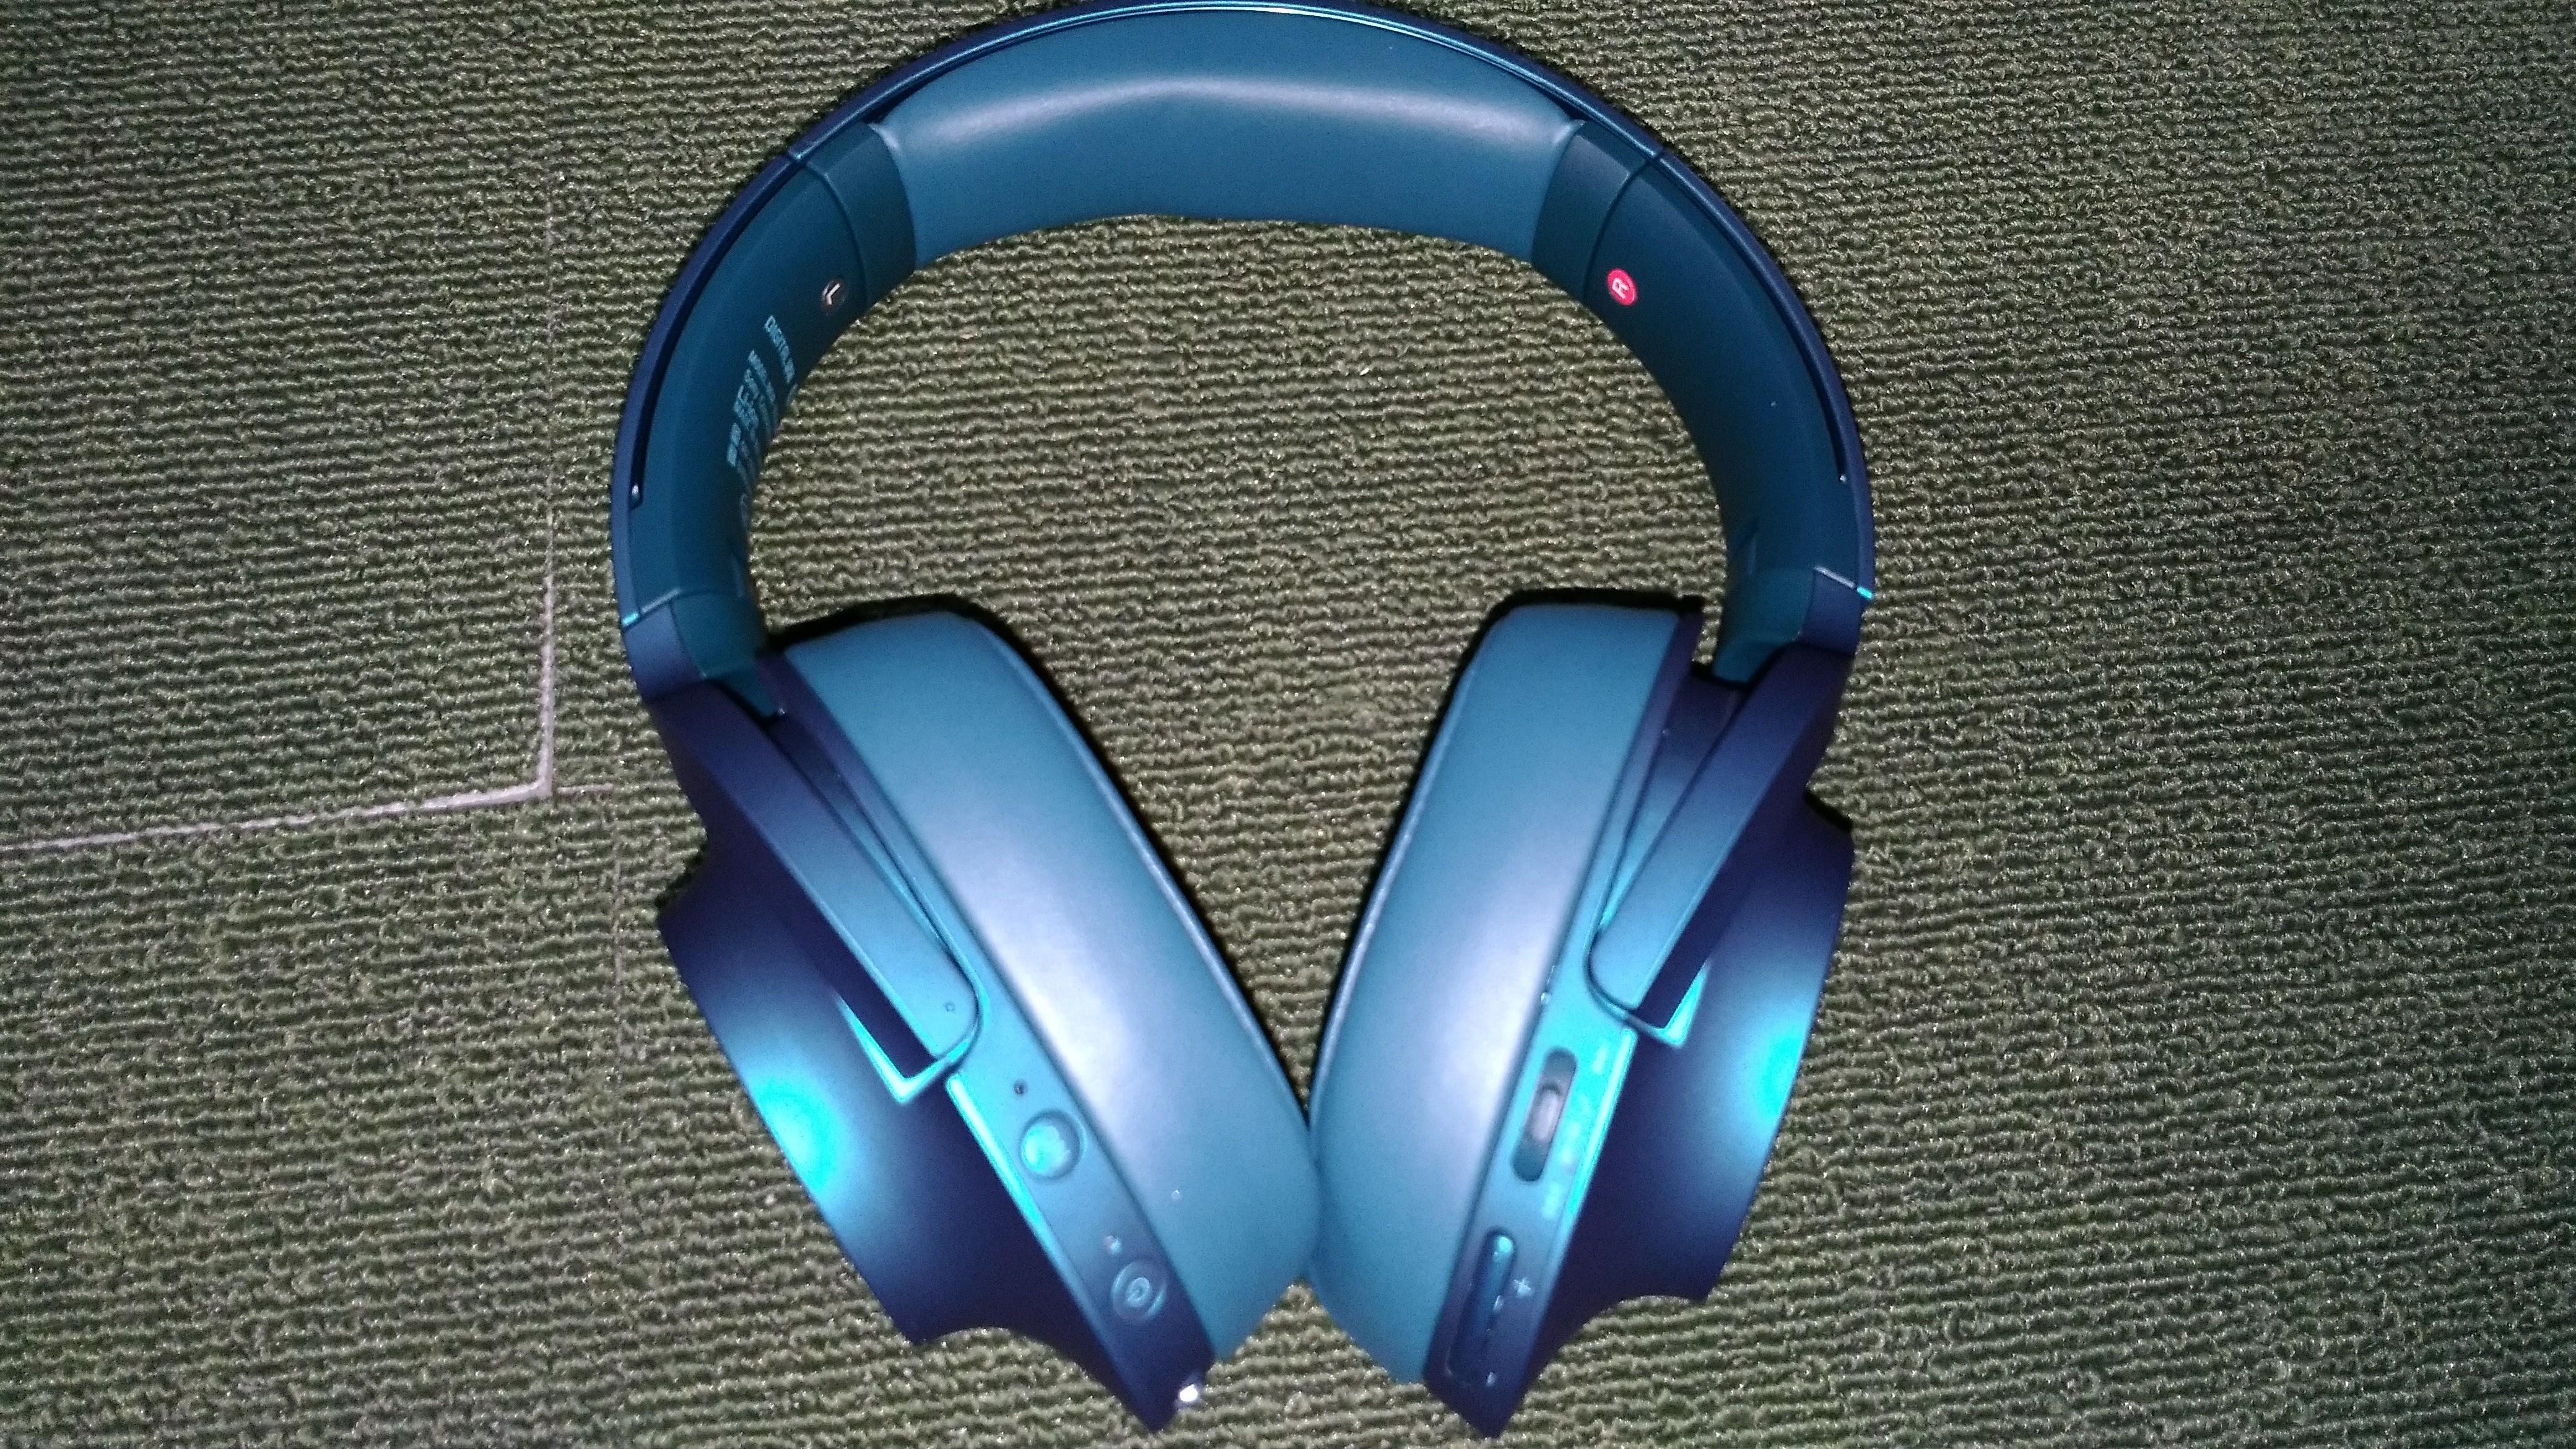 【レビュー】ソニーのMDR-100ABNはデザインも音質も言うことなしのbluetoothヘッドホン